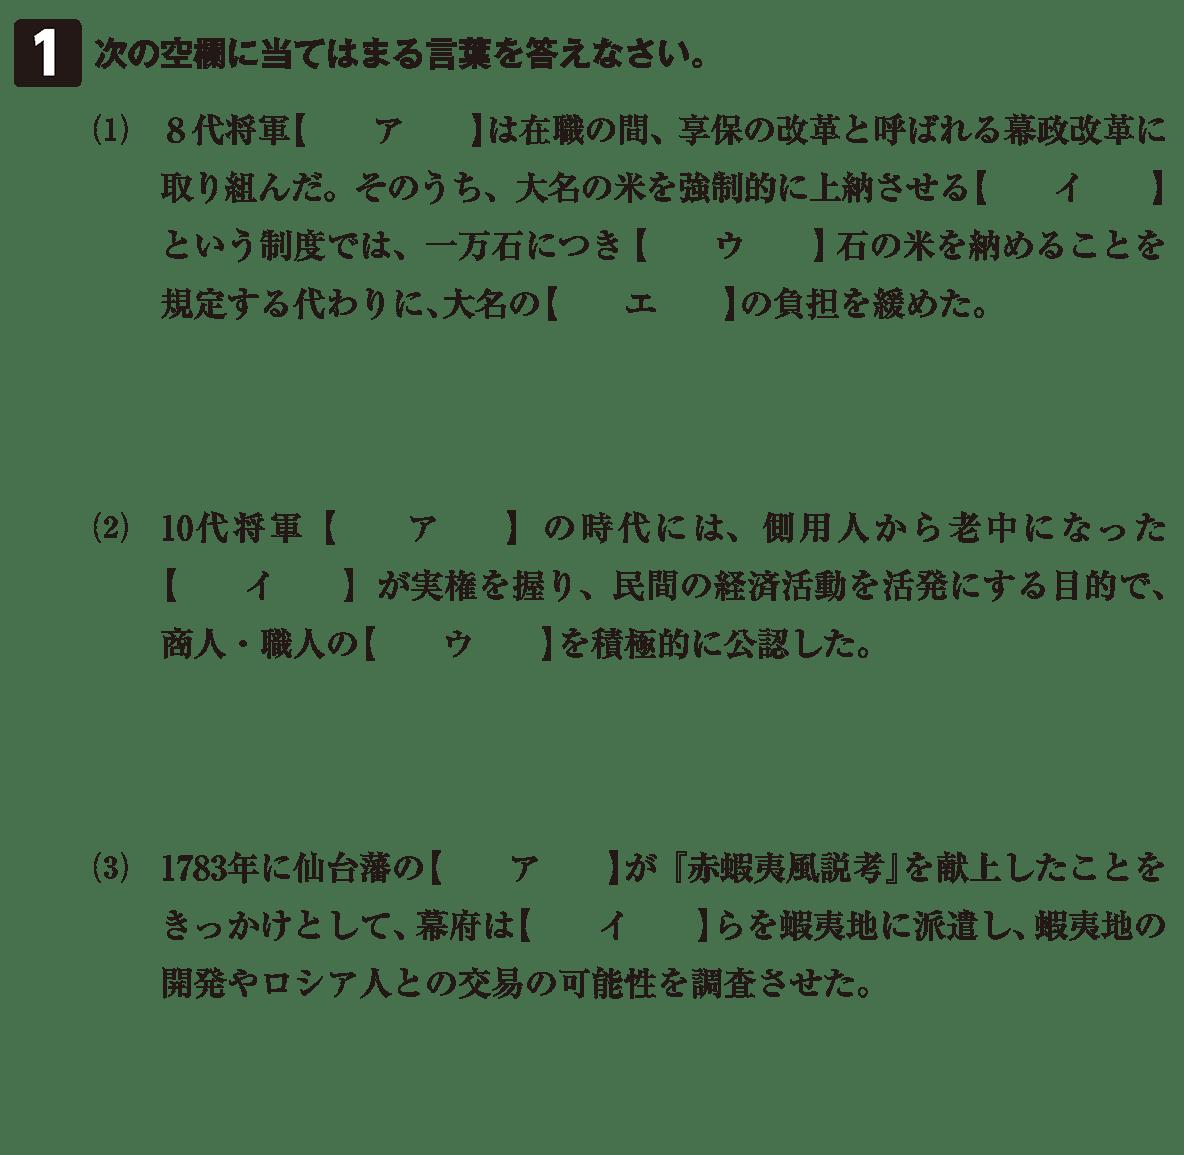 近世39 問題1 カッコ空欄